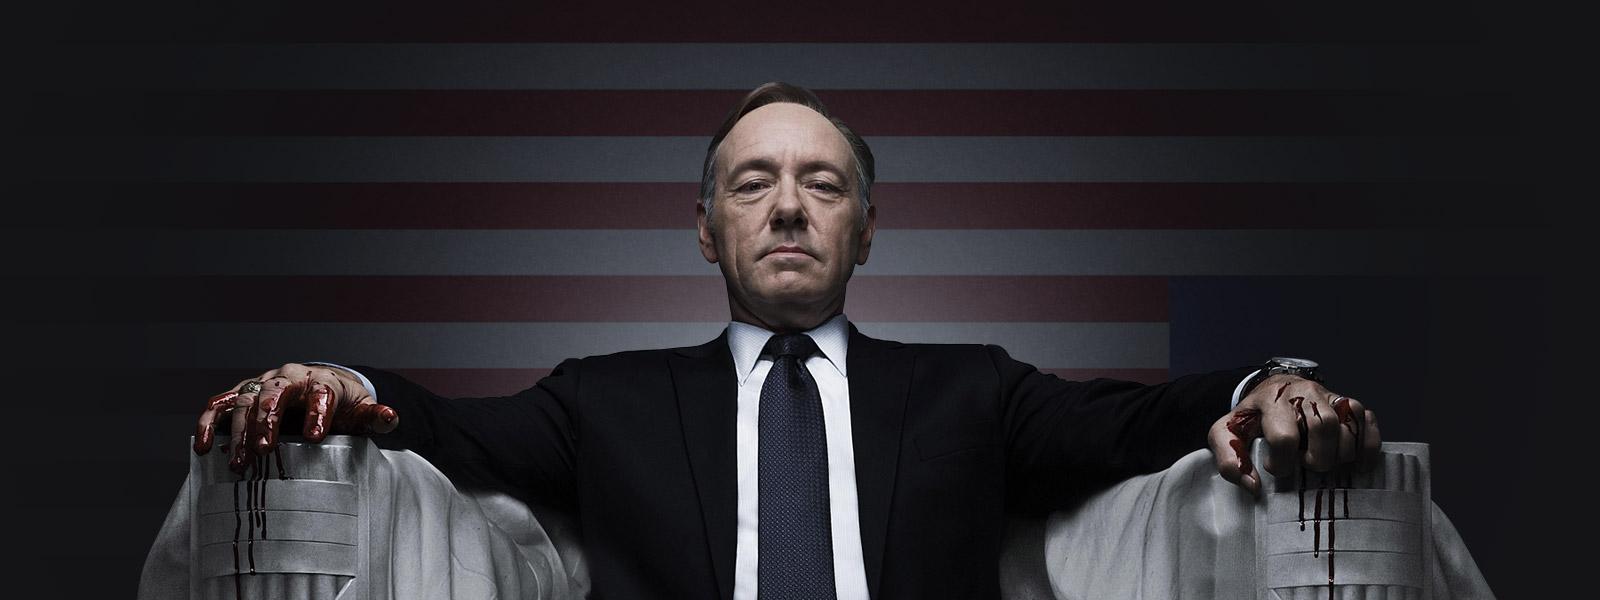 La serie es producida por el aclamado director David Fincher